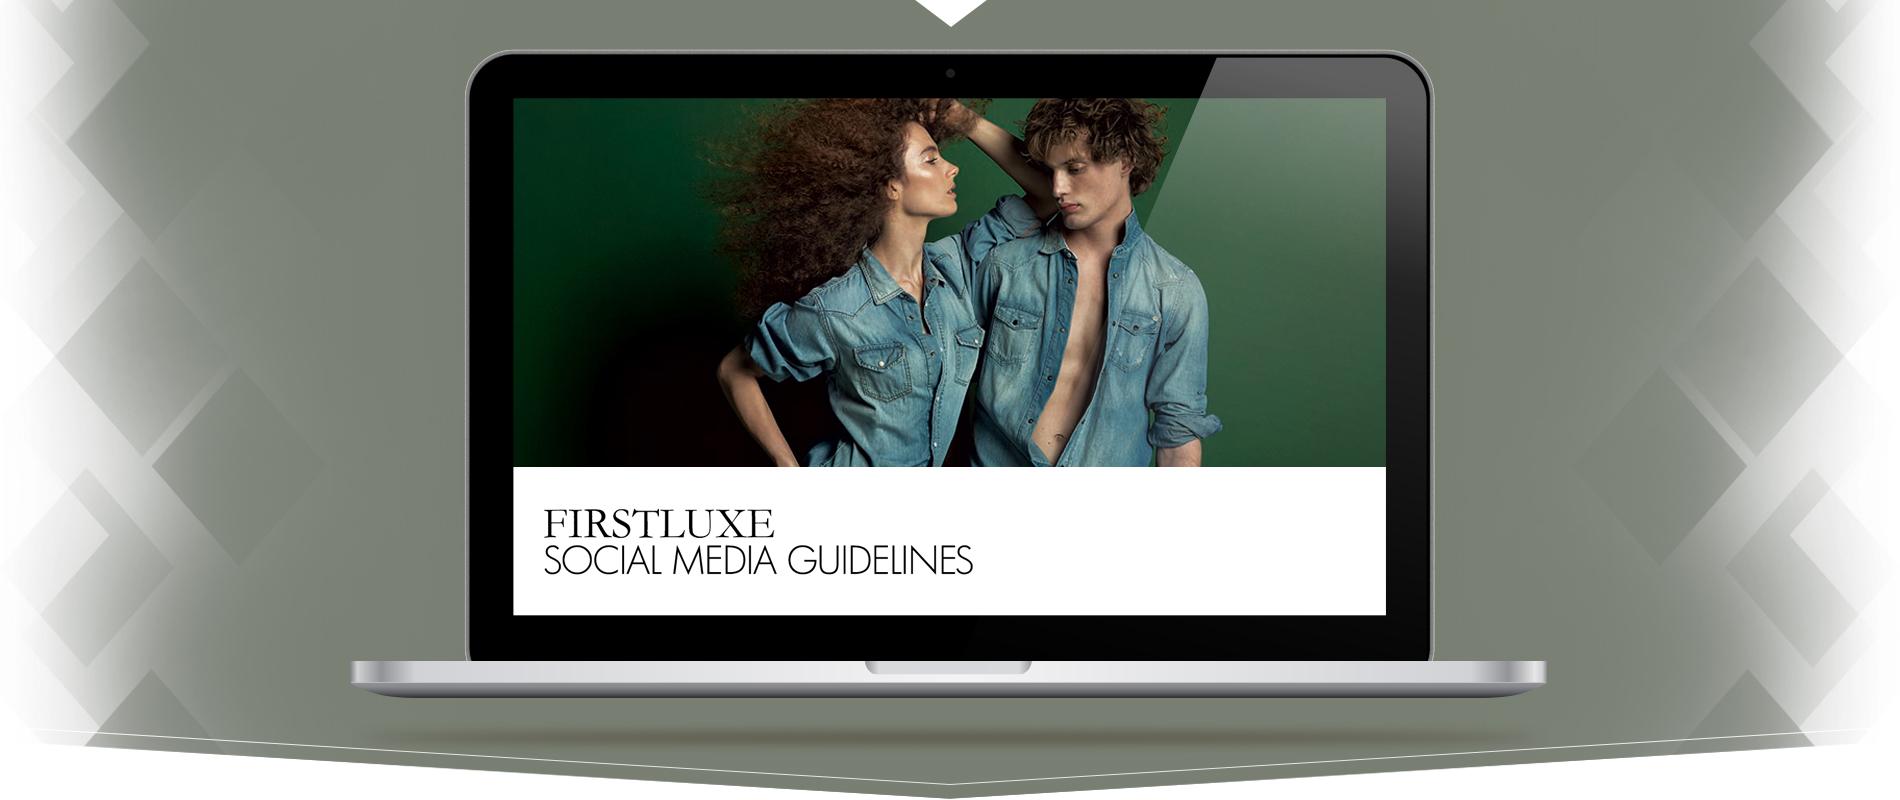 Push-Firstluxe